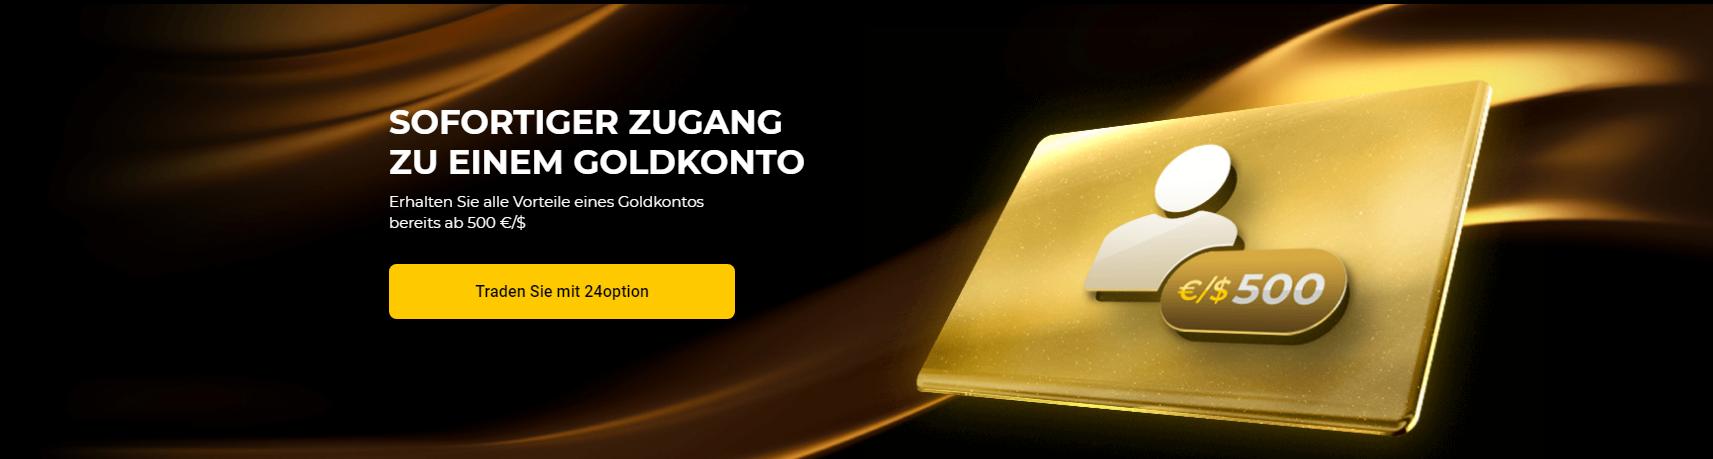 24option bietet sofort einen Zugang zu einem Goldkonto an